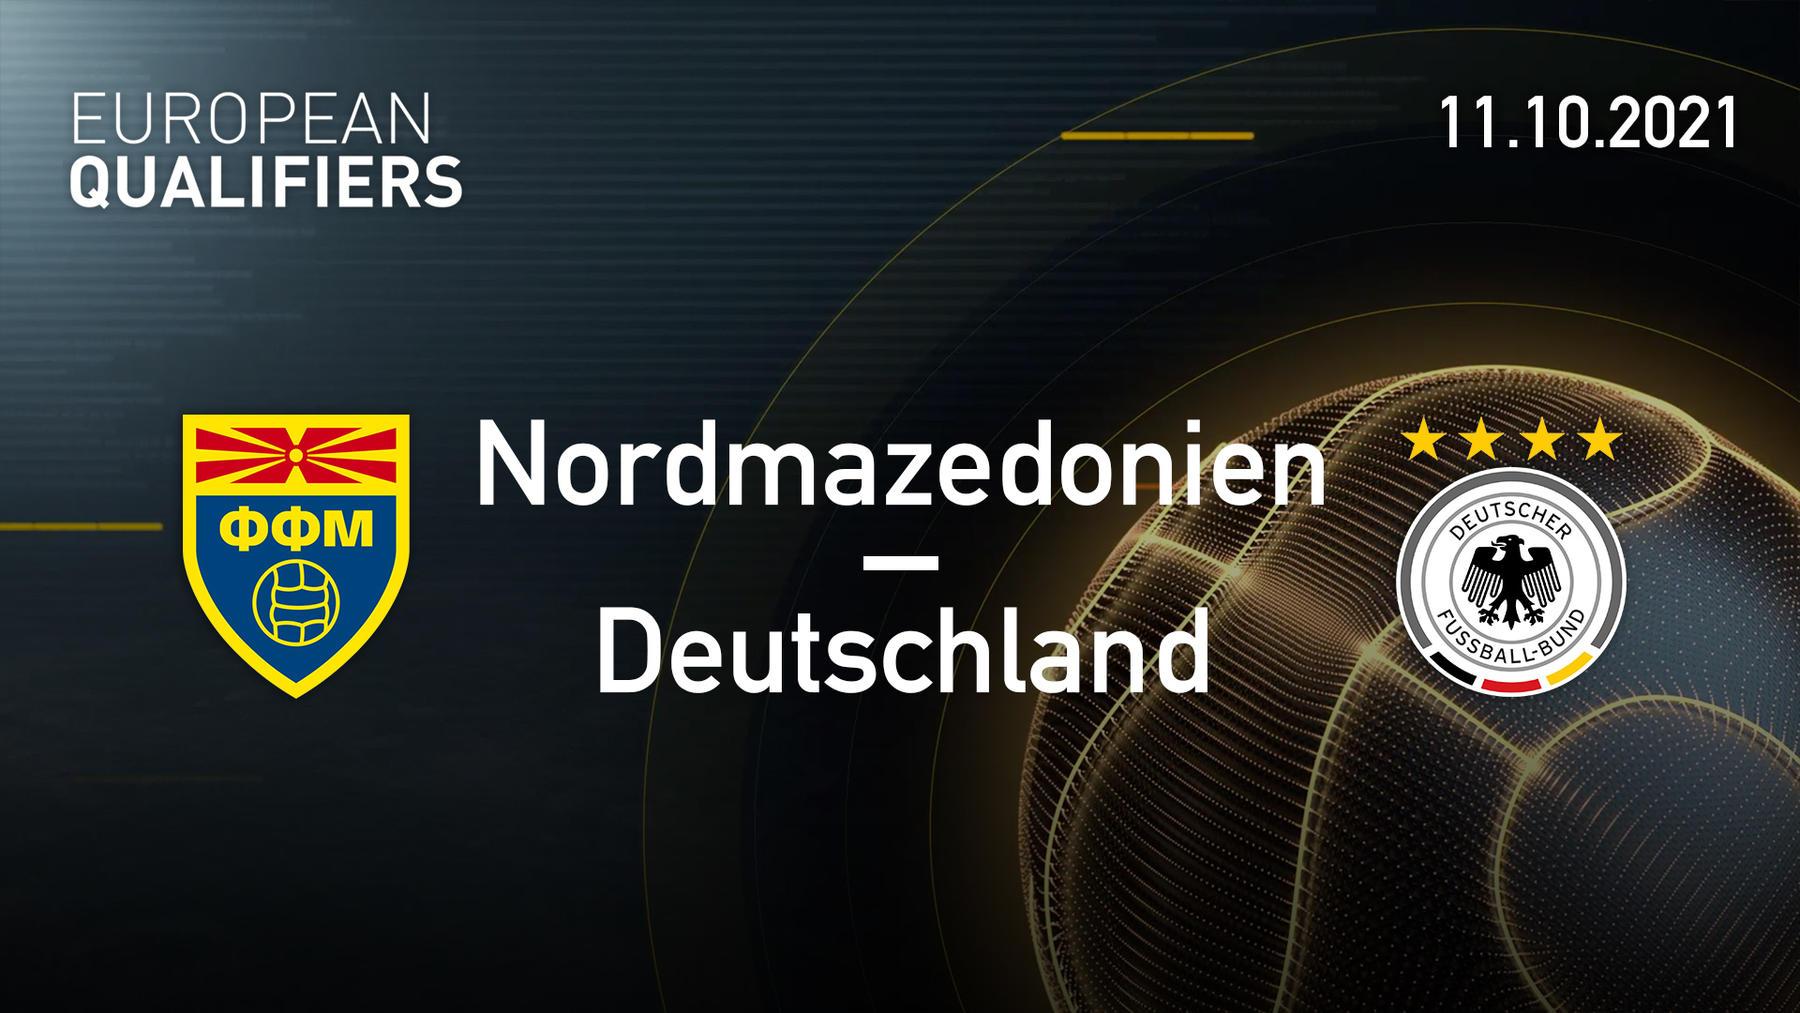 11.10.2021 - Nordmazedonien vs. Deutschland